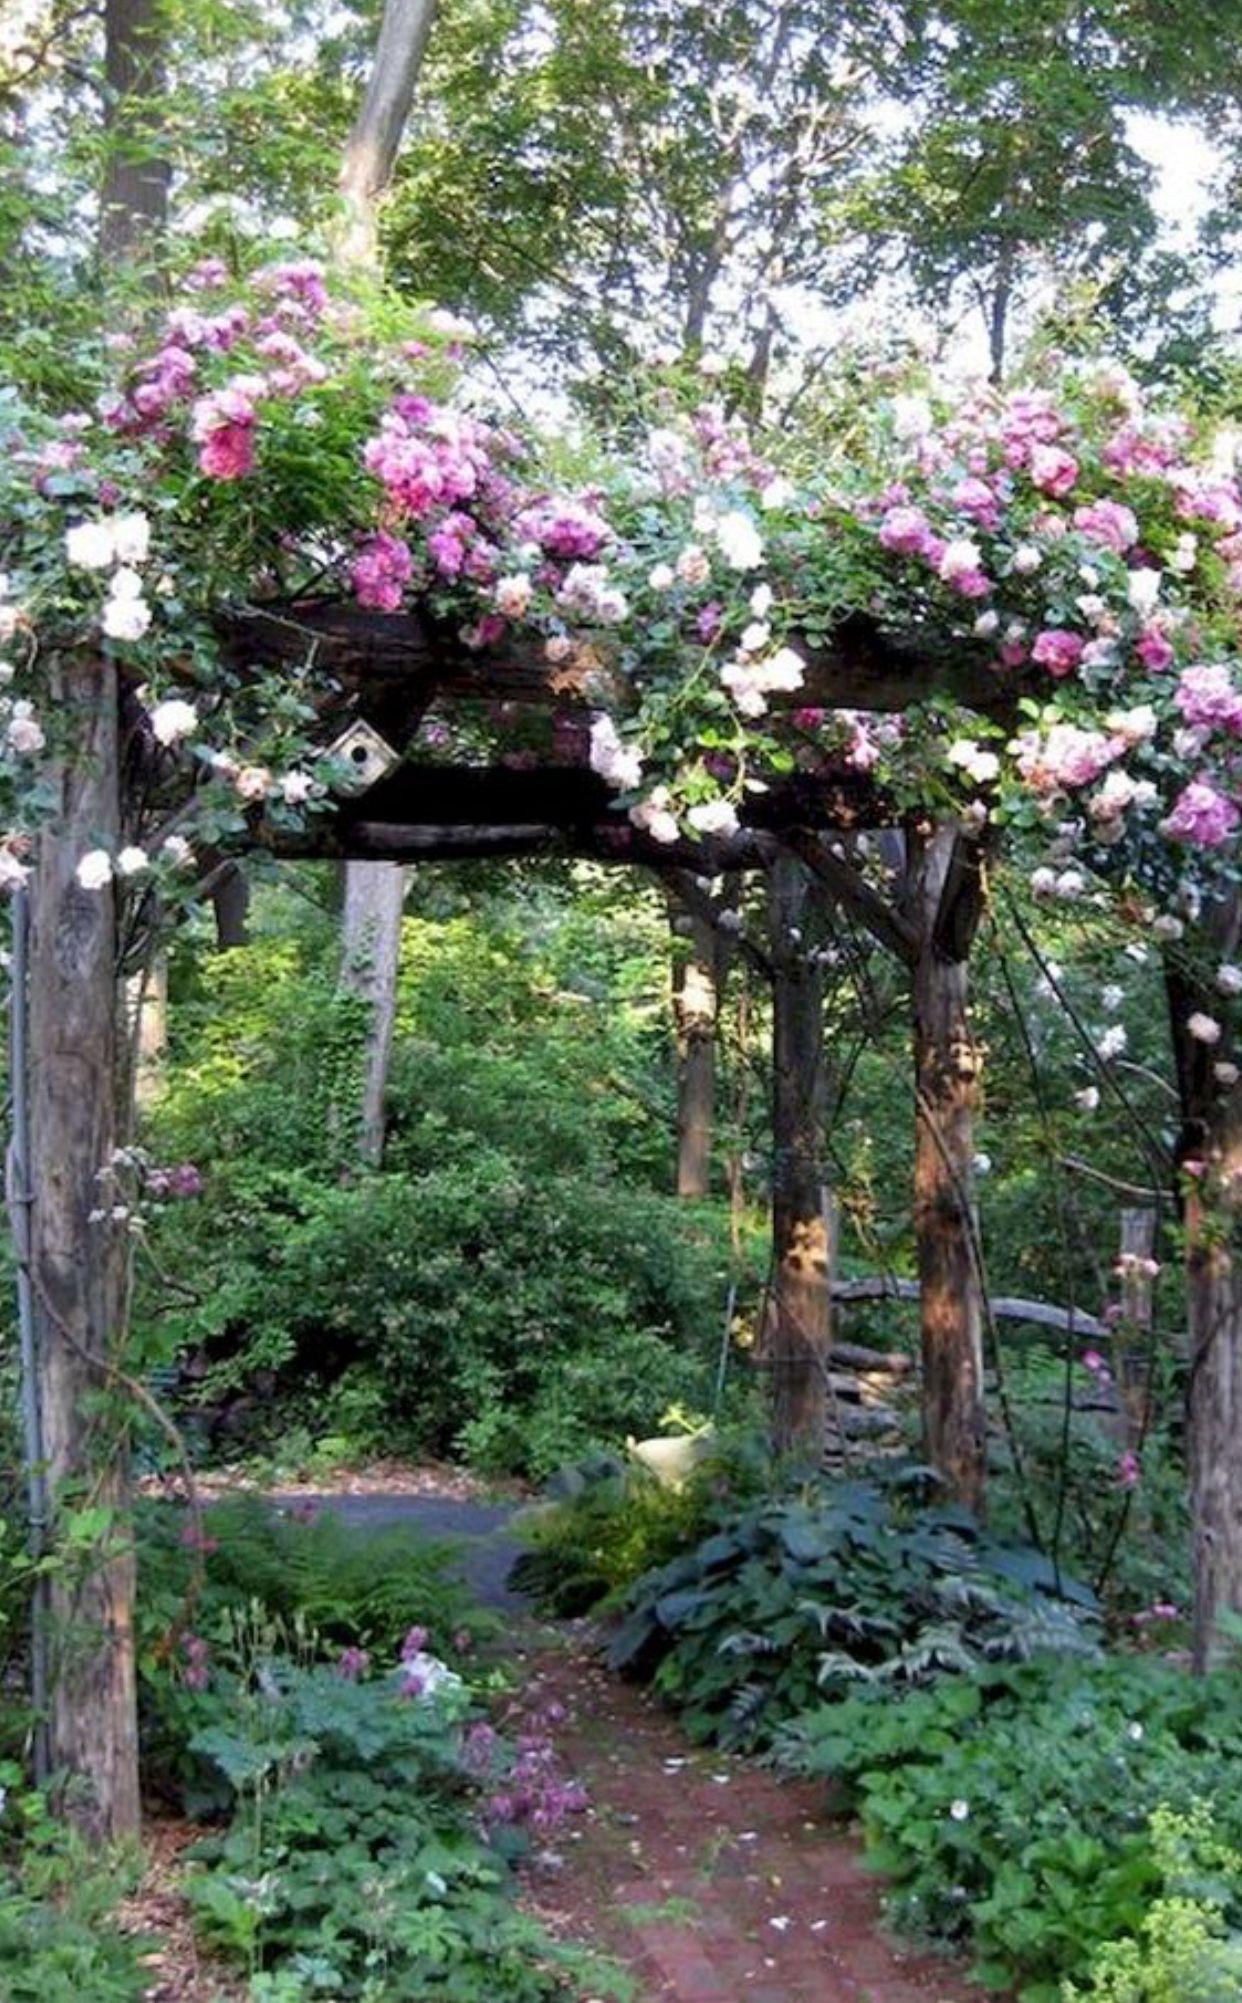 Serrurier Velizy Villacoublay se rapportant à Épinglé par doro michael sur garden | pinterest | jardins, le jardin